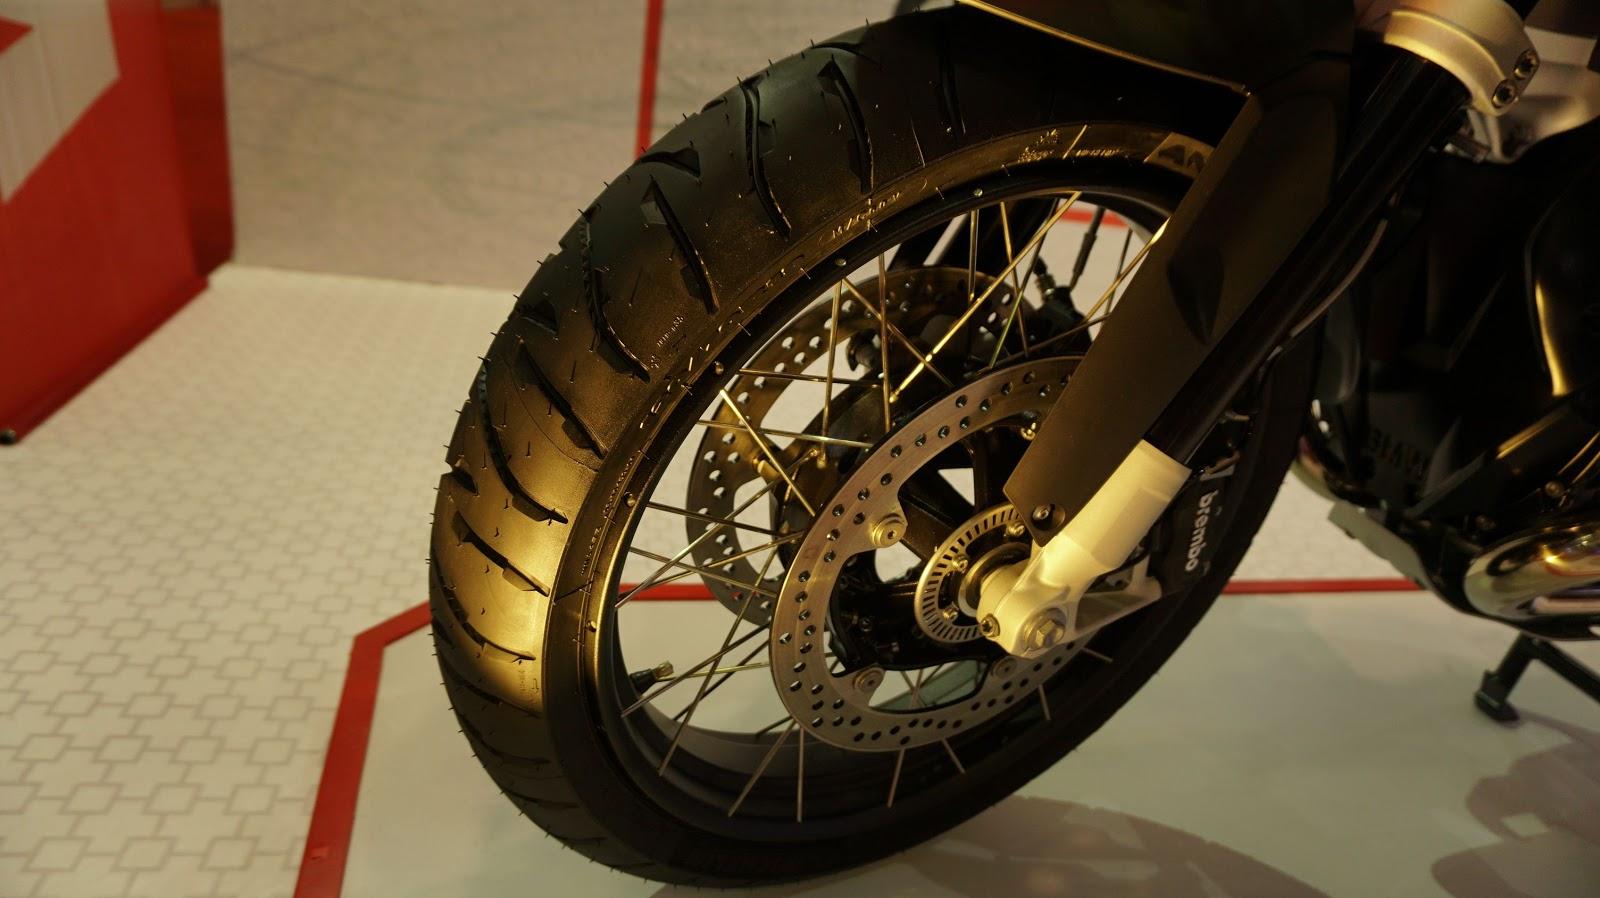 Bánh trước được trang bị hai phanh đĩa và hệ thống ABS, lốp xe cỡ lớn